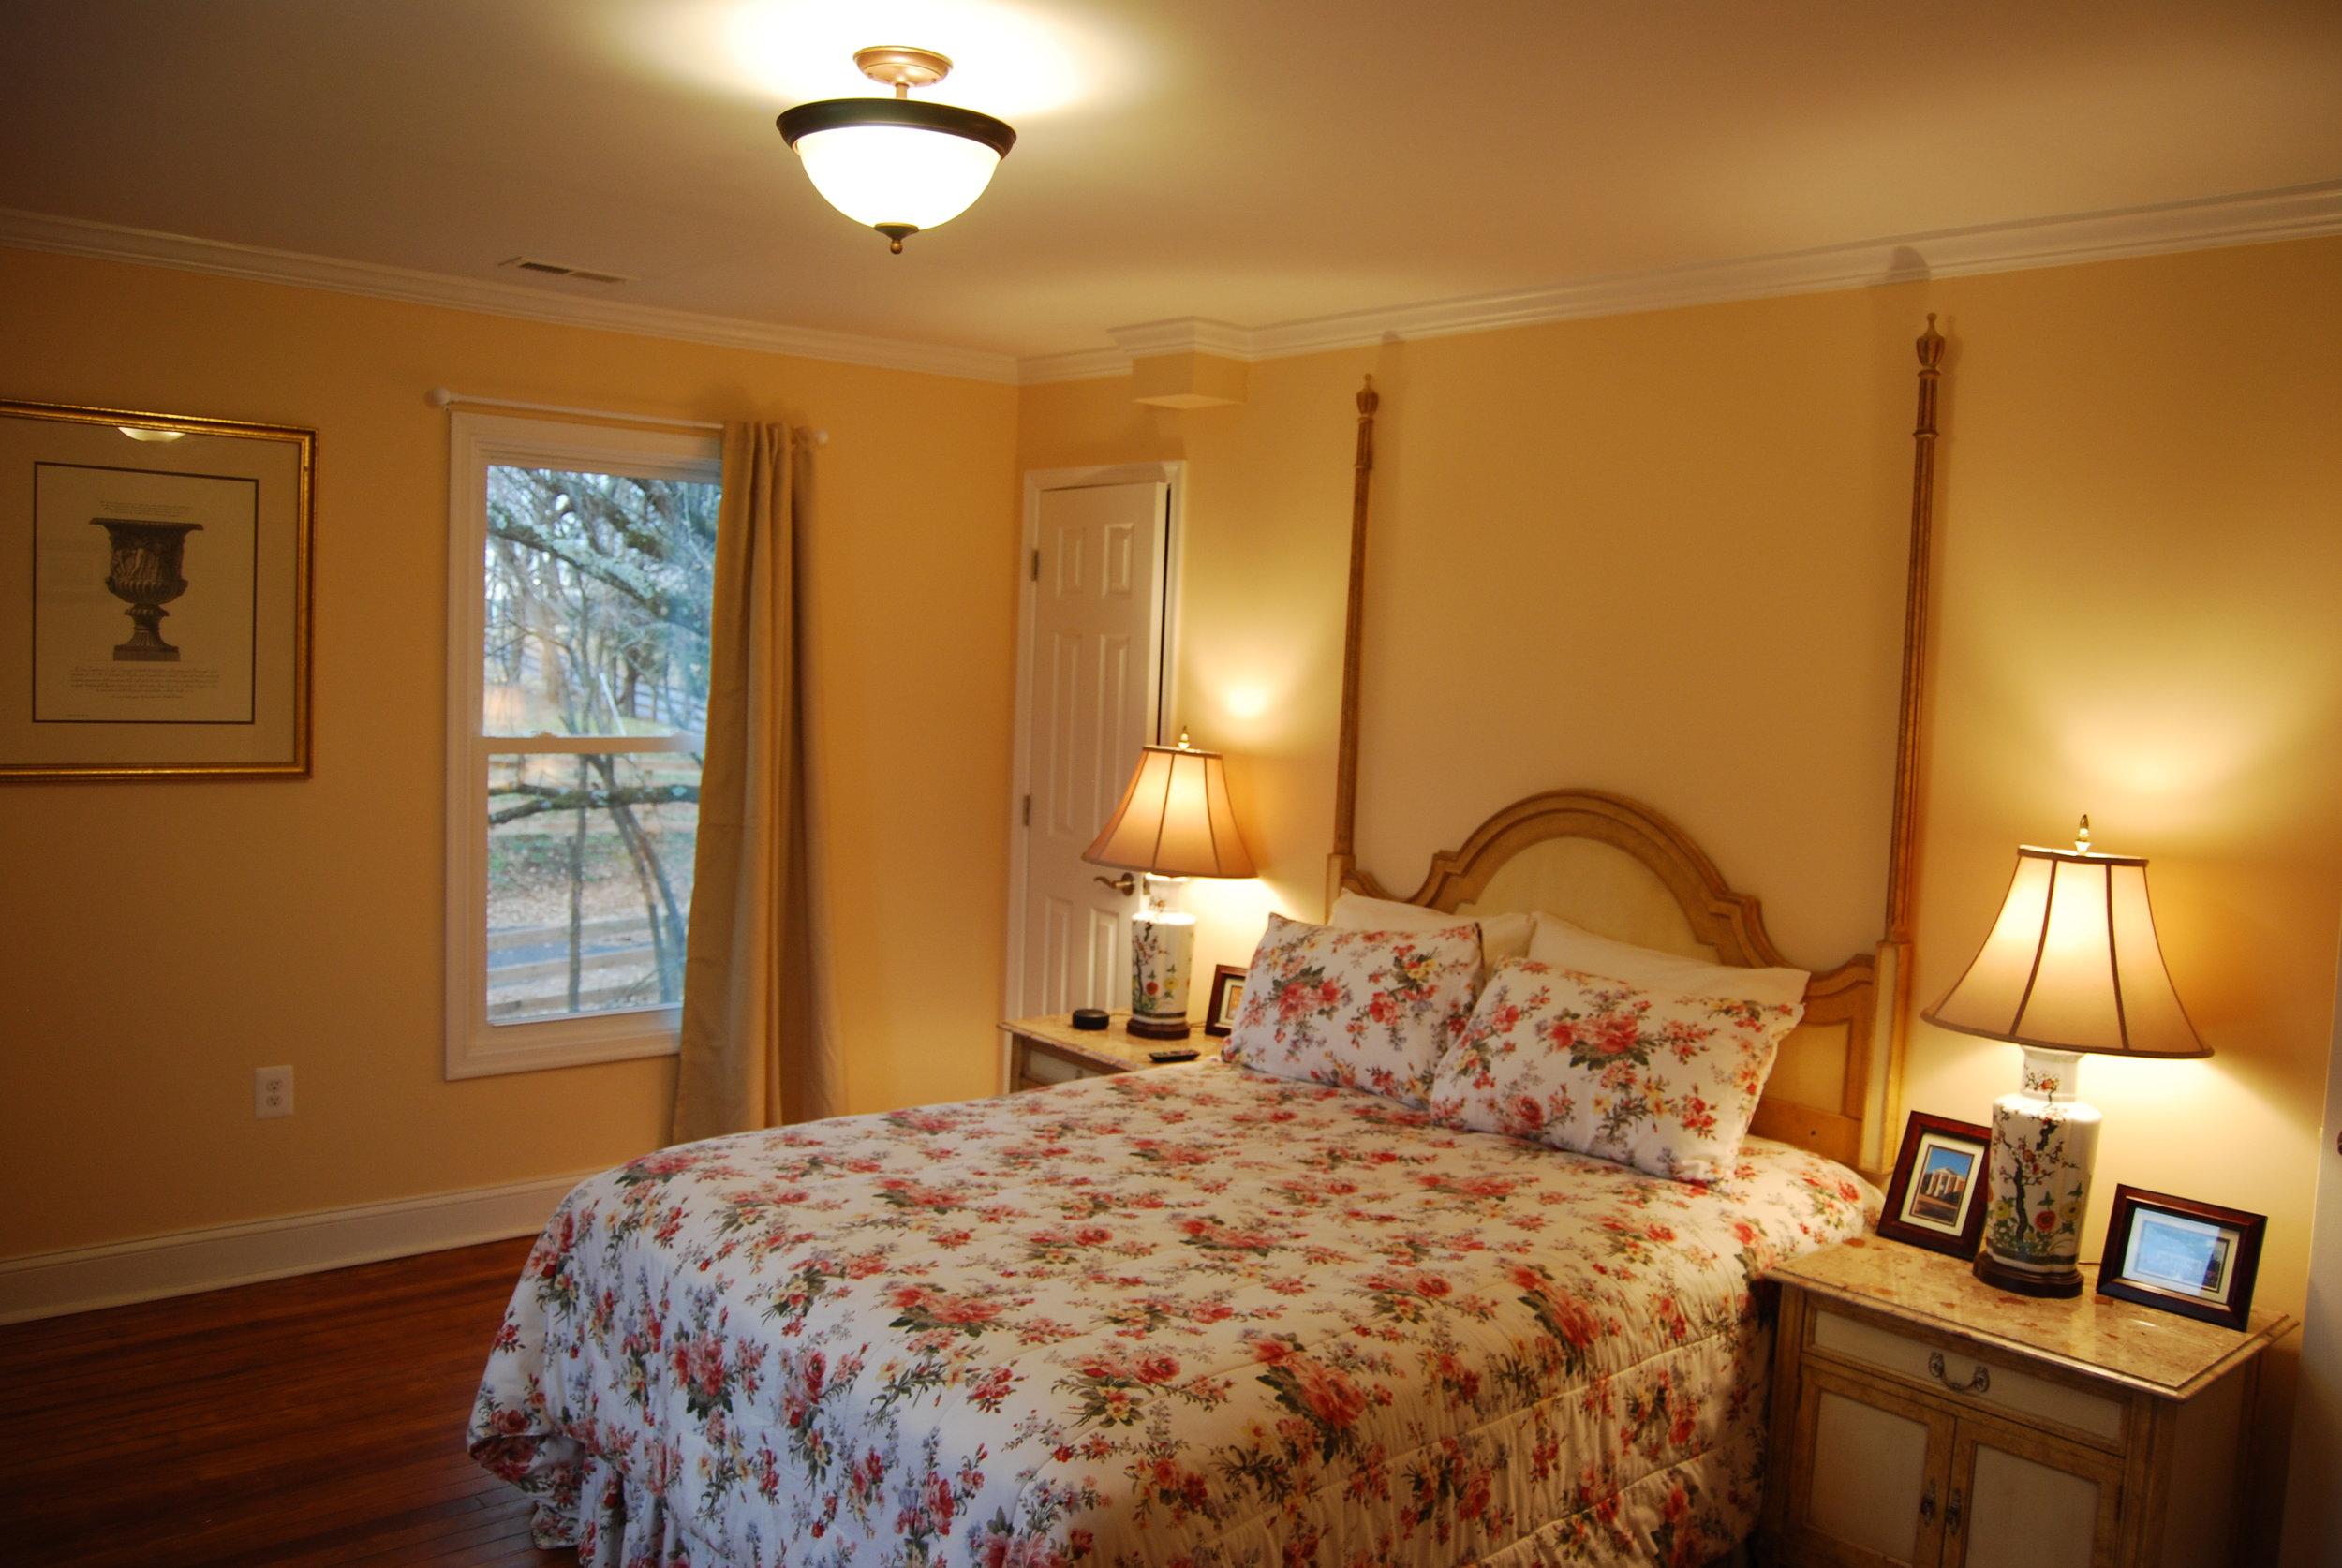 bedroom d2.JPG